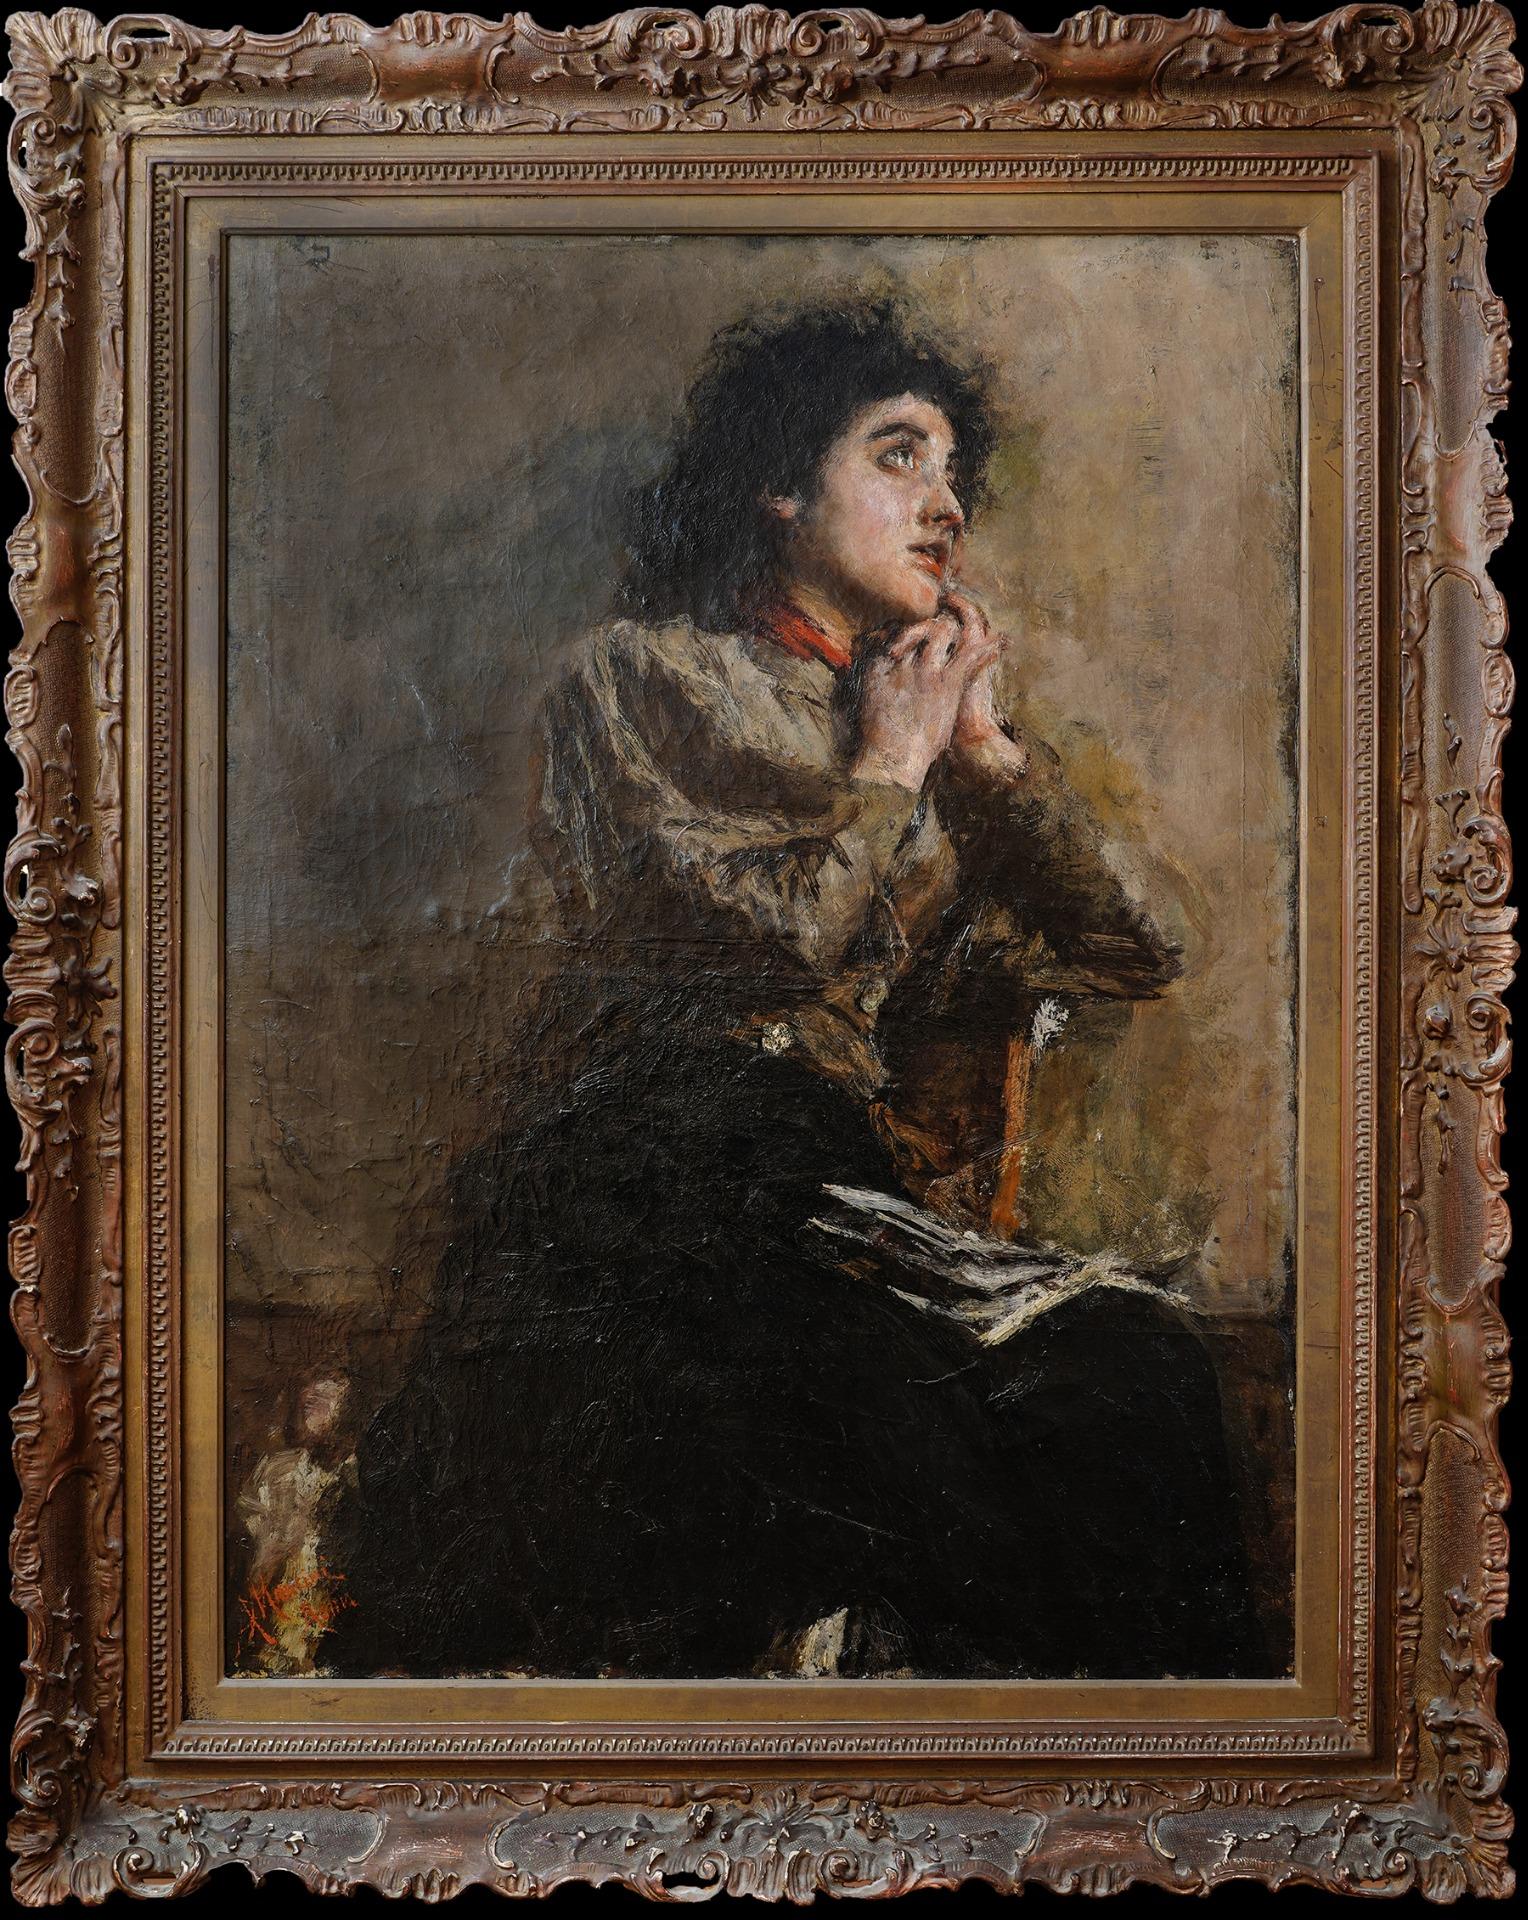 thumb2|O modelo (Desejo) - Antonio Mancini, 1852-1930